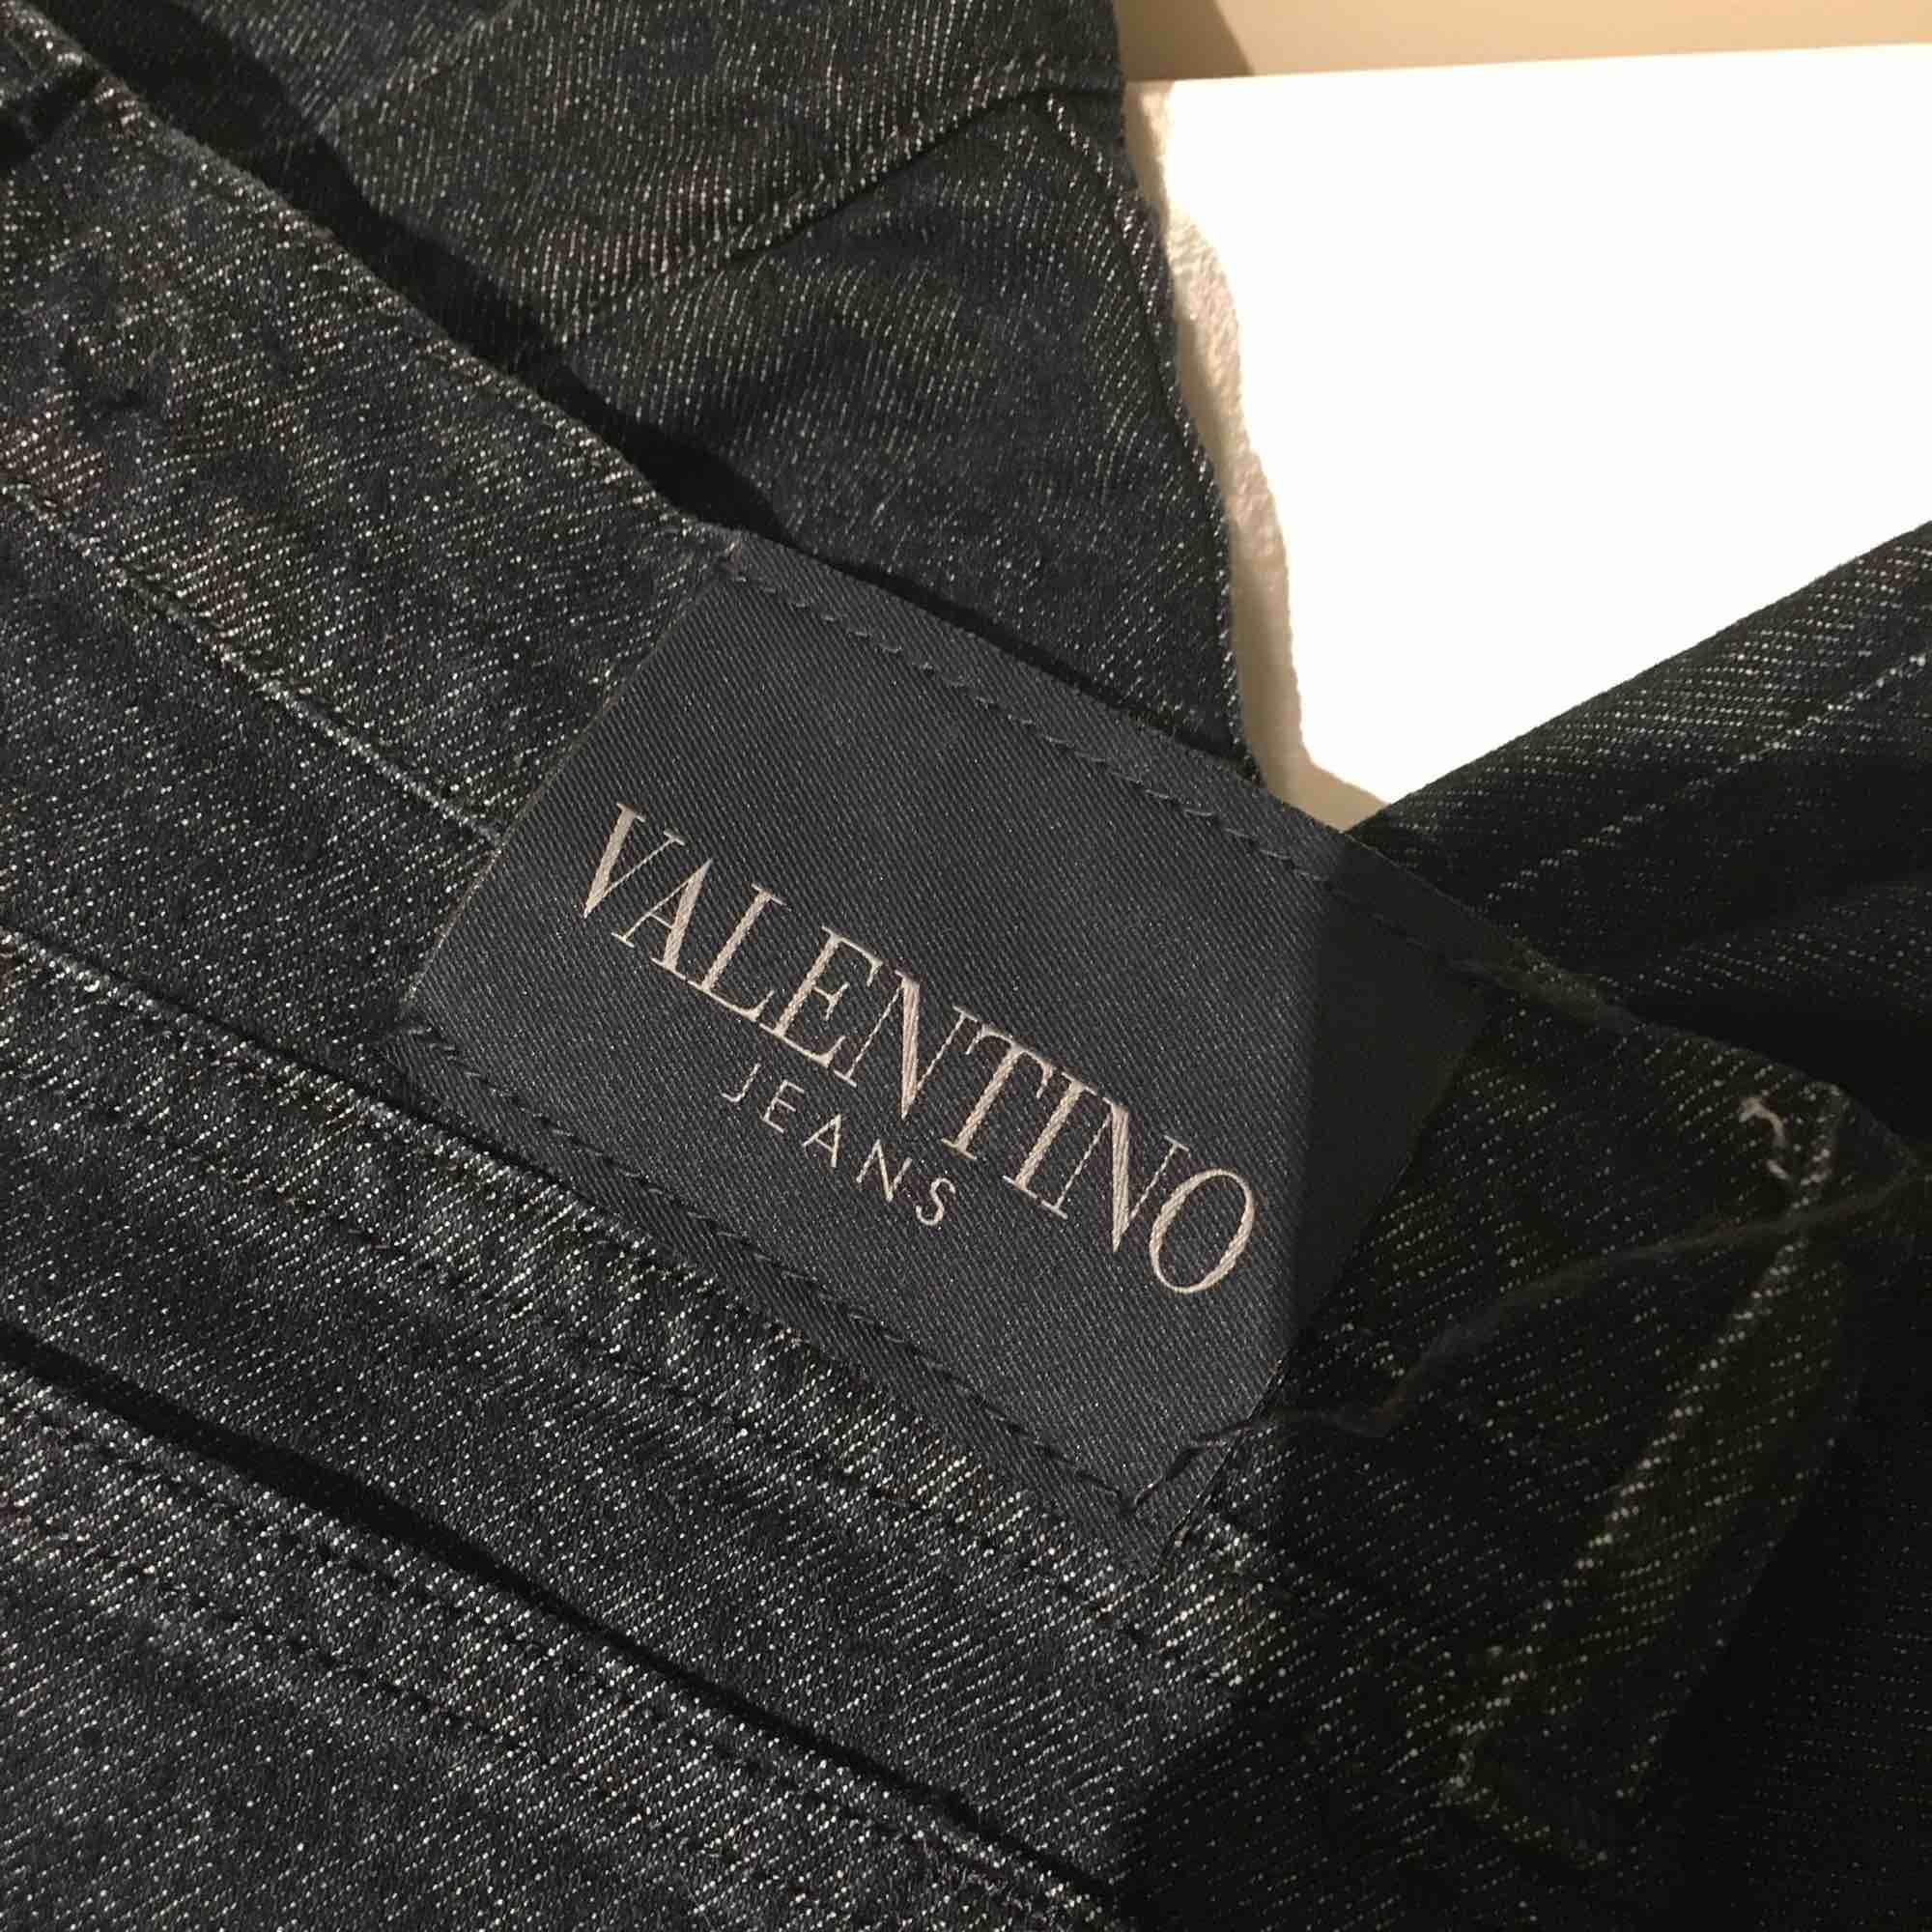 Valentino jeans, italiensk storlek (32) men skulle säga att det motsvarar en svensk 36:a (small). Jeans & Byxor.